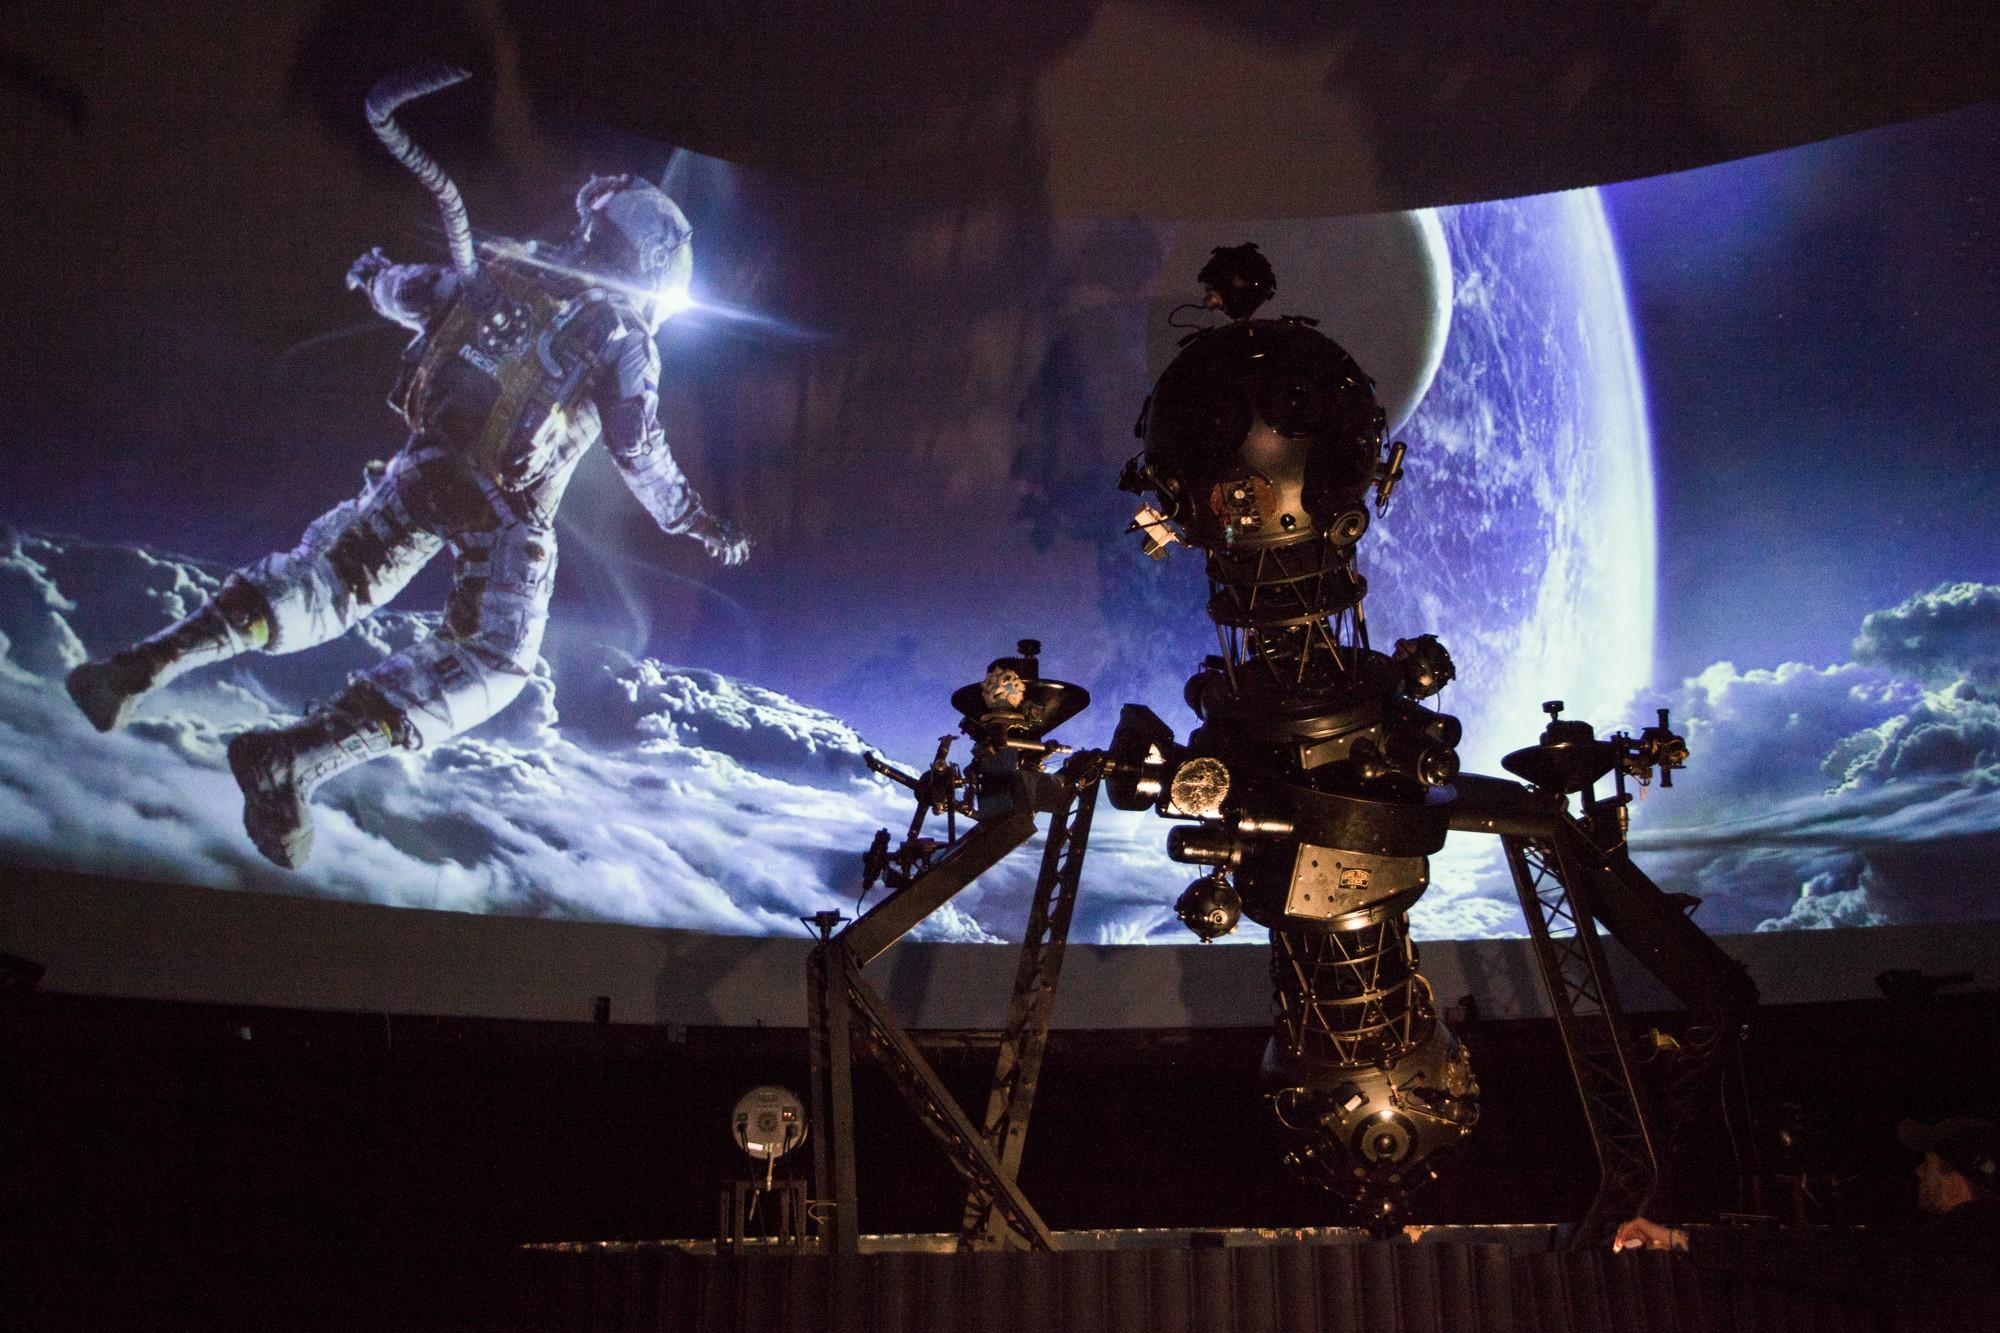 планетарий наука астрономия